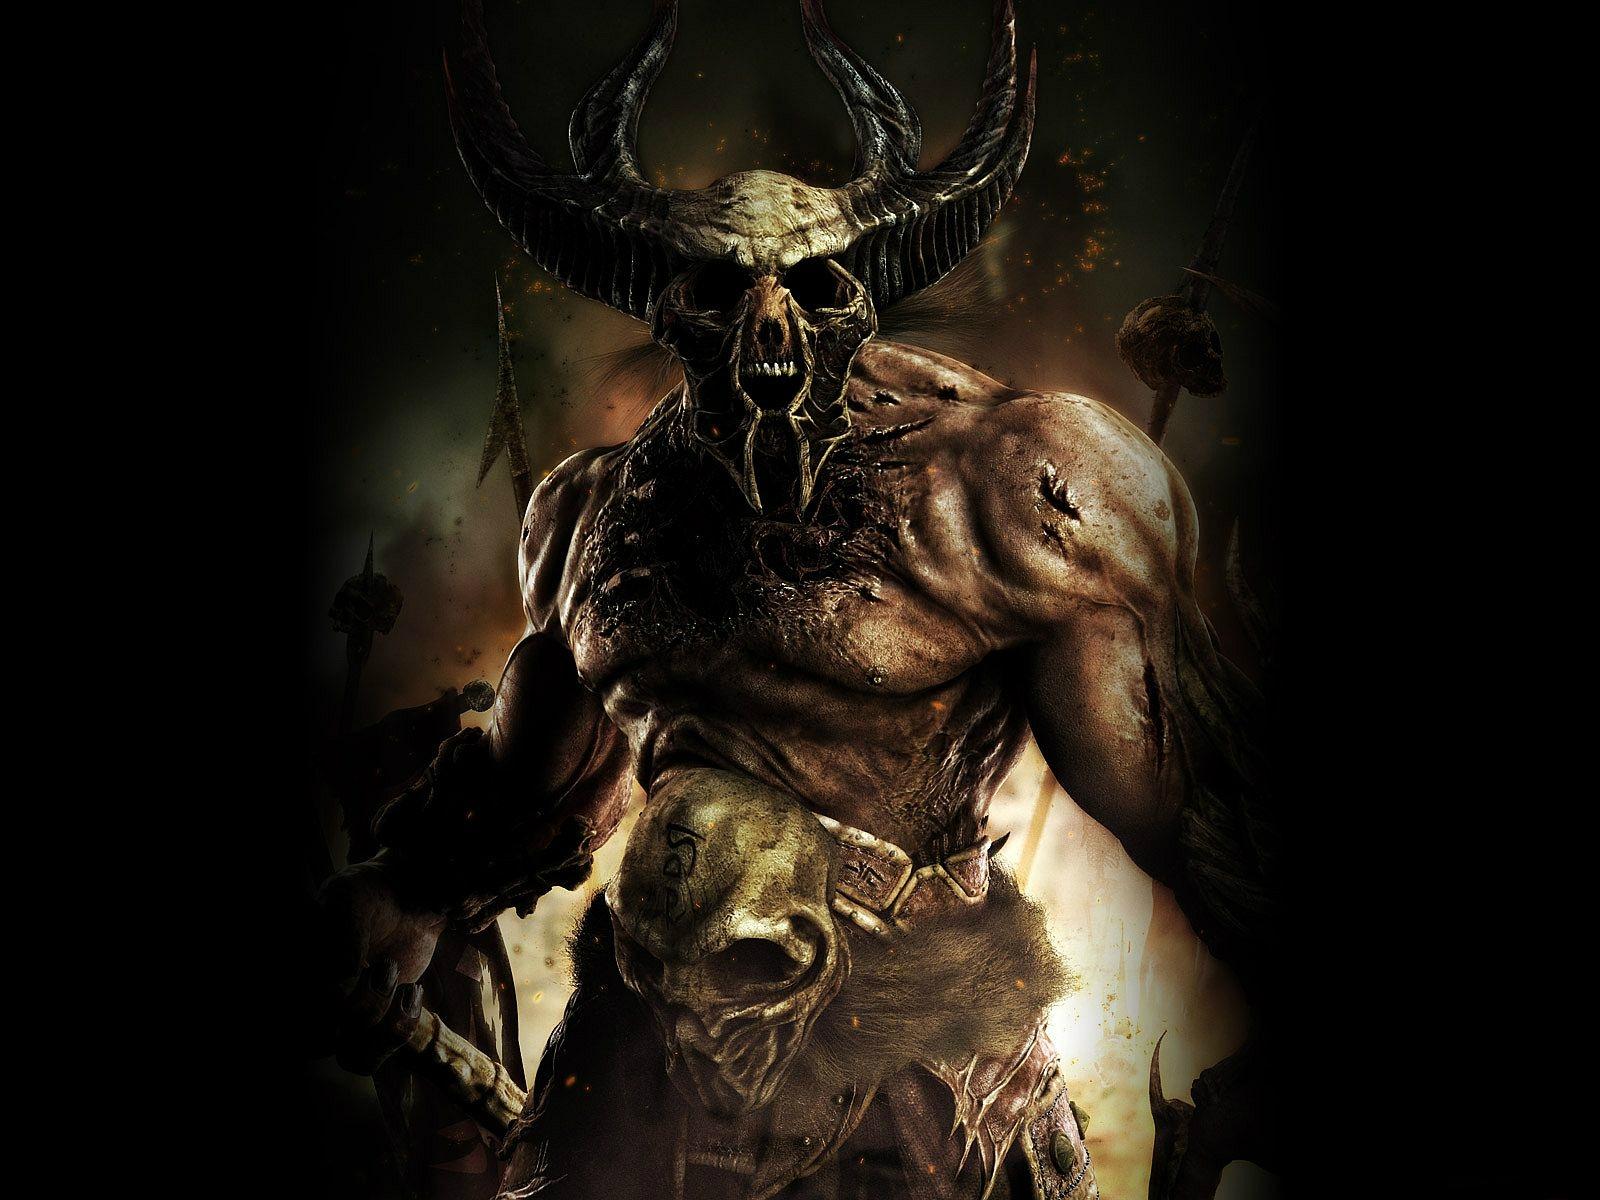 46+ Evil Demon Wallpaper on WallpaperSafari